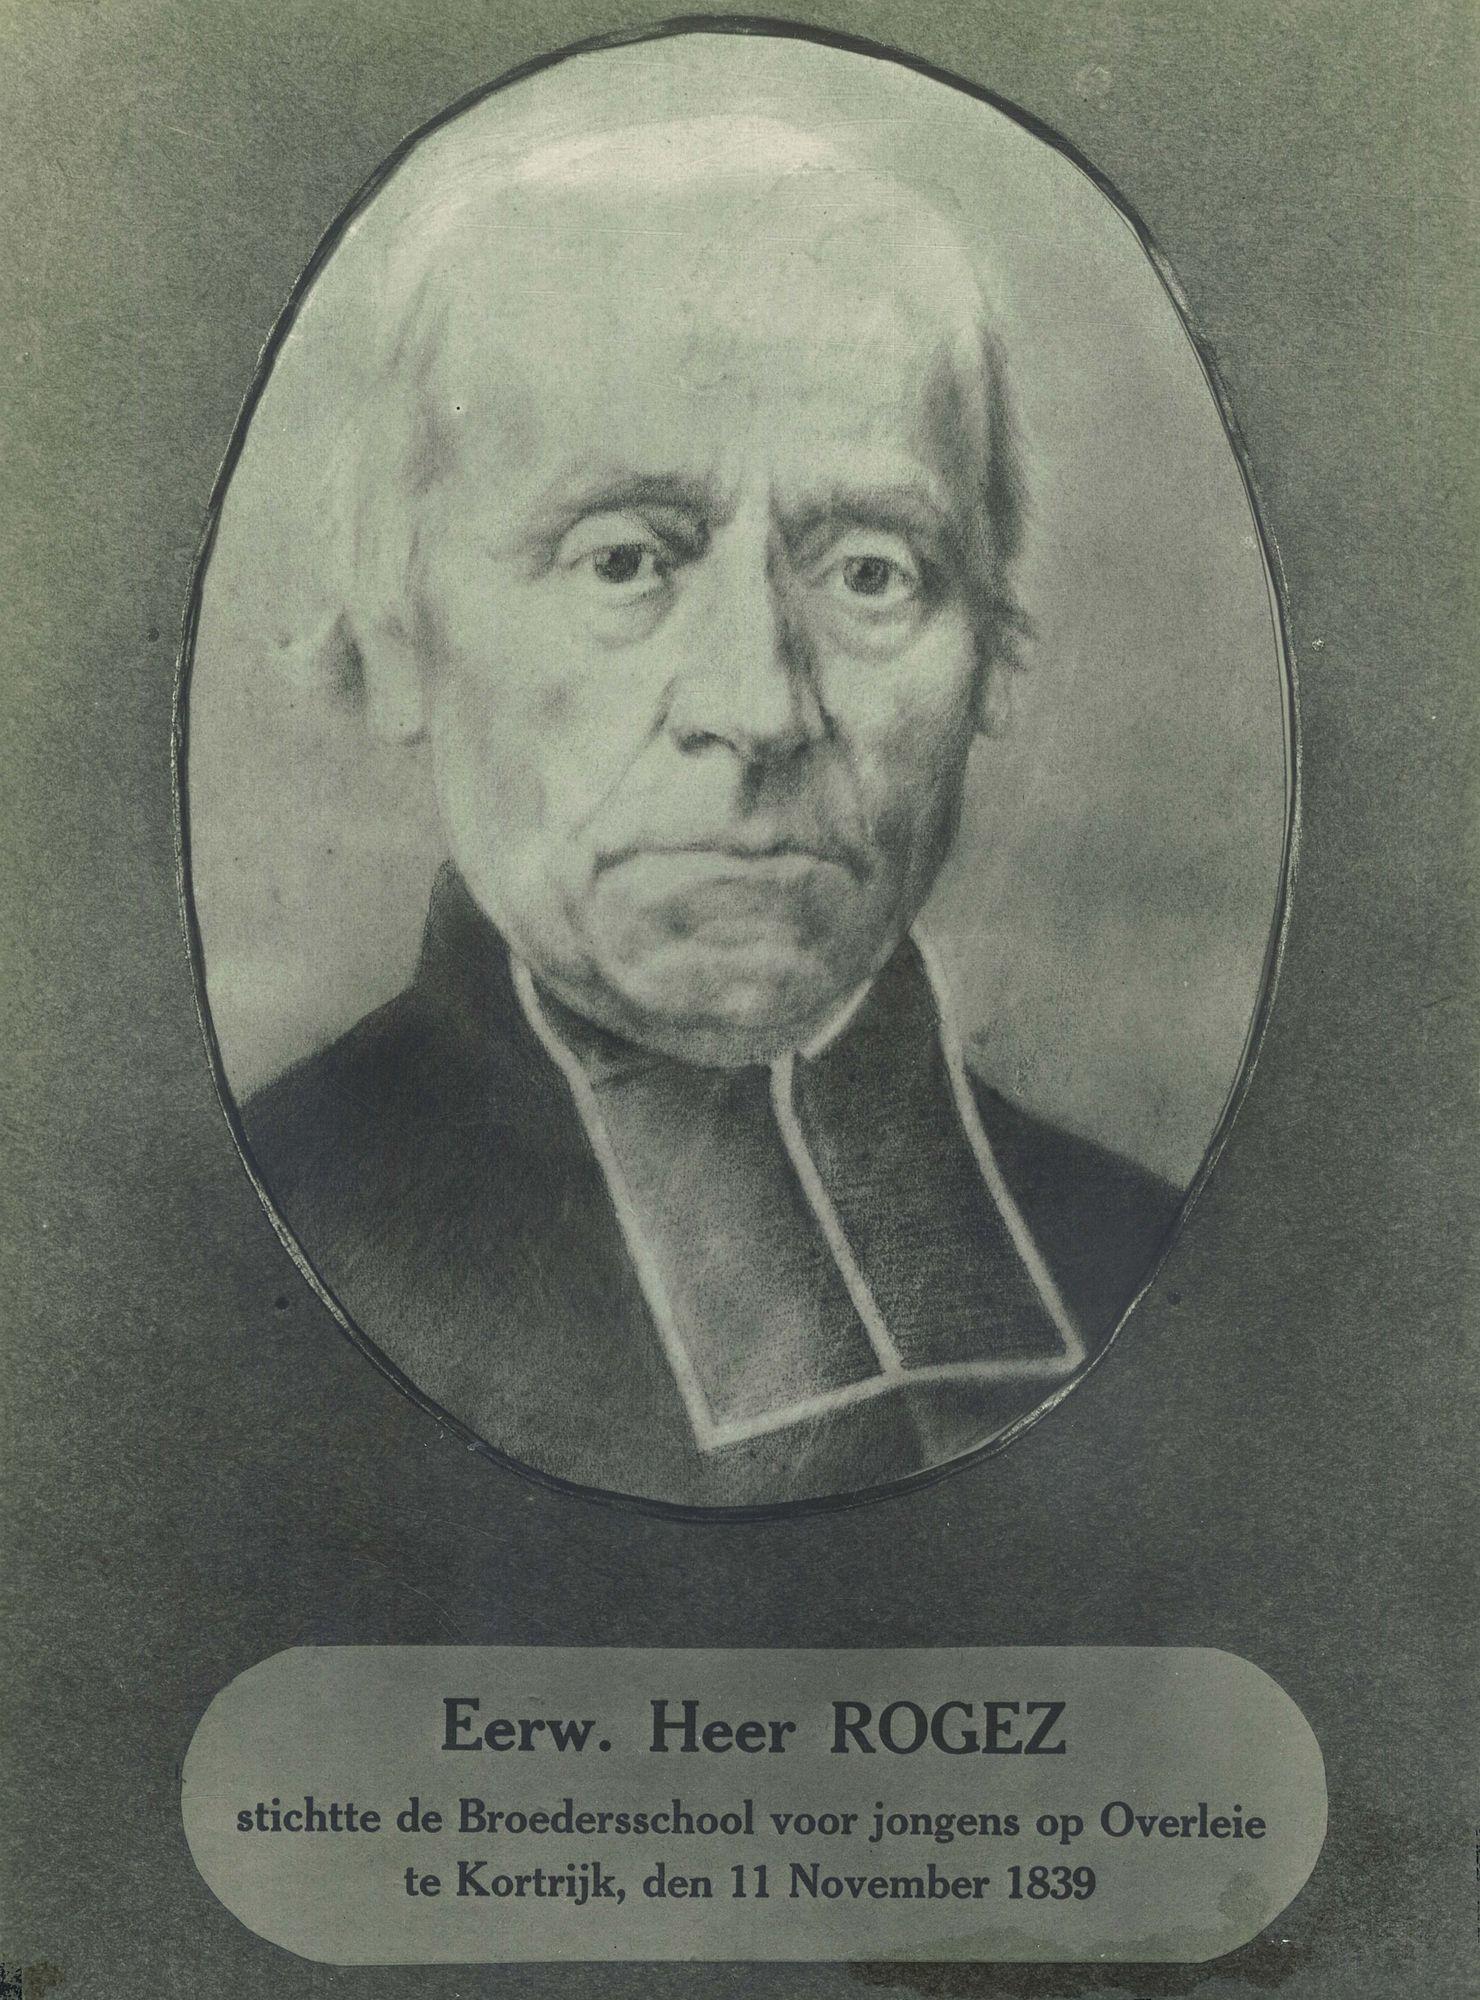 Eerwaarde Heer Rogez, stichter van de Broederschool Overleie